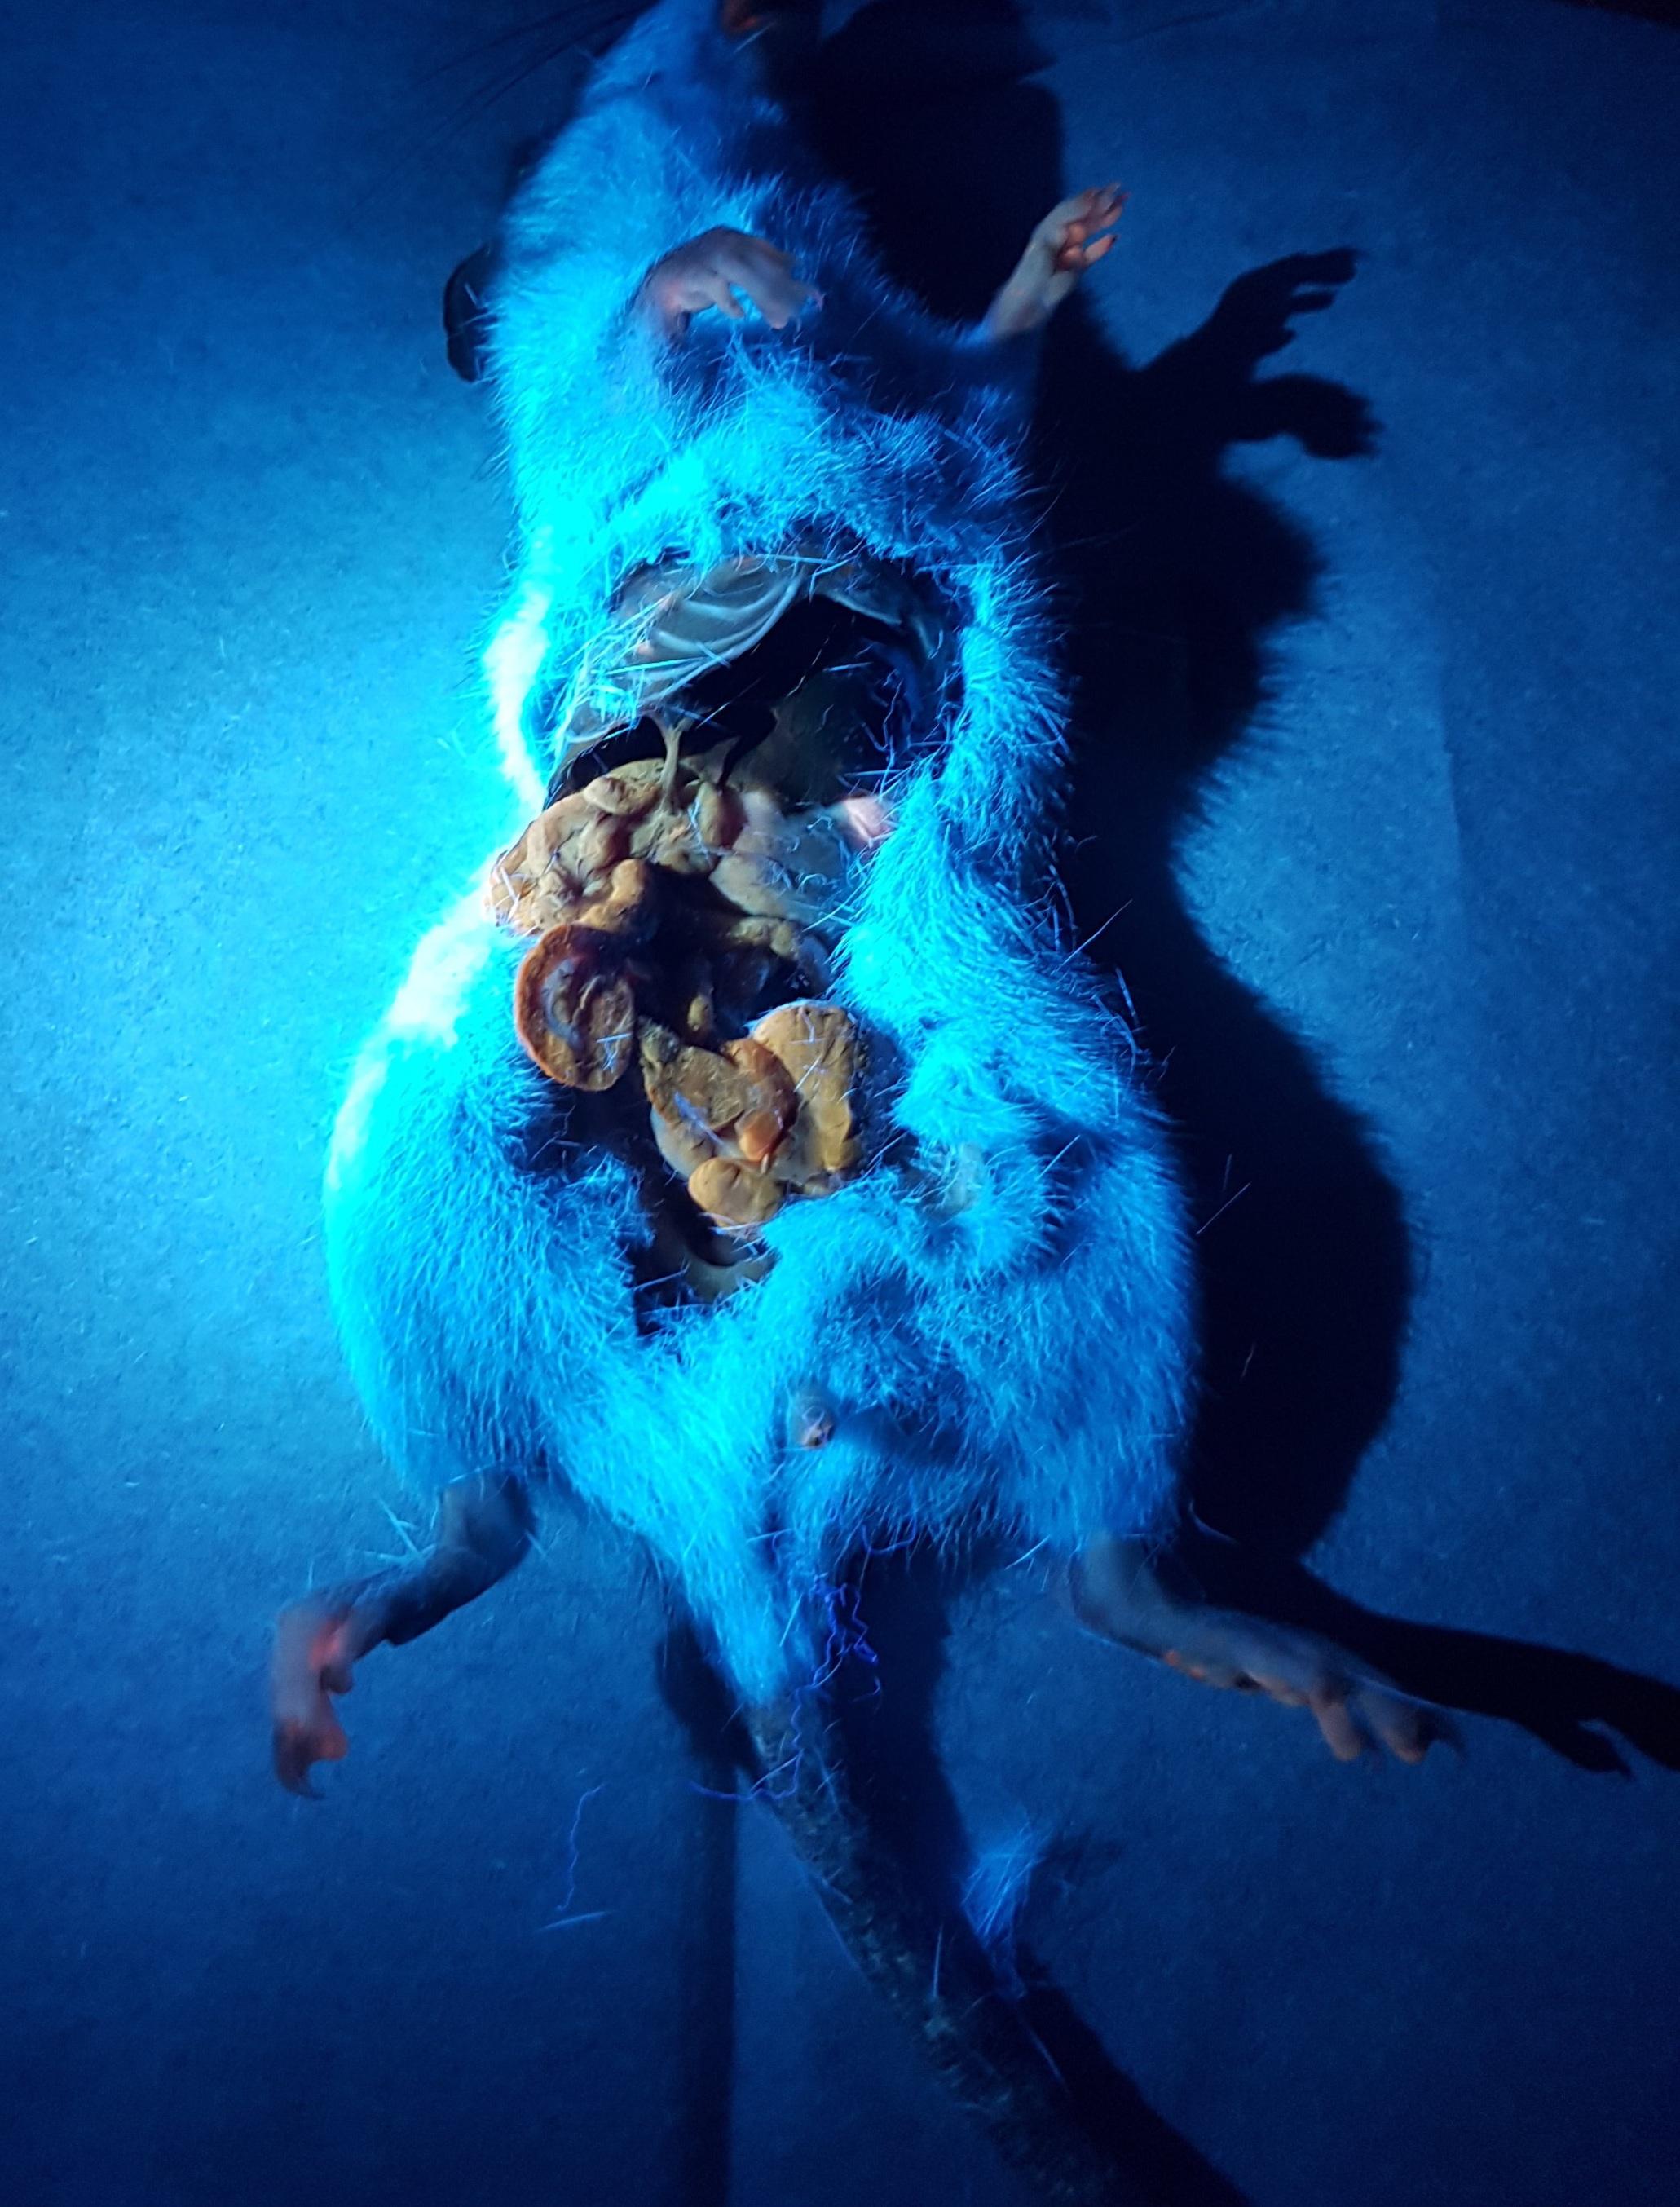 Ship rat showing internal rhodamine B staining under ultraviolet light